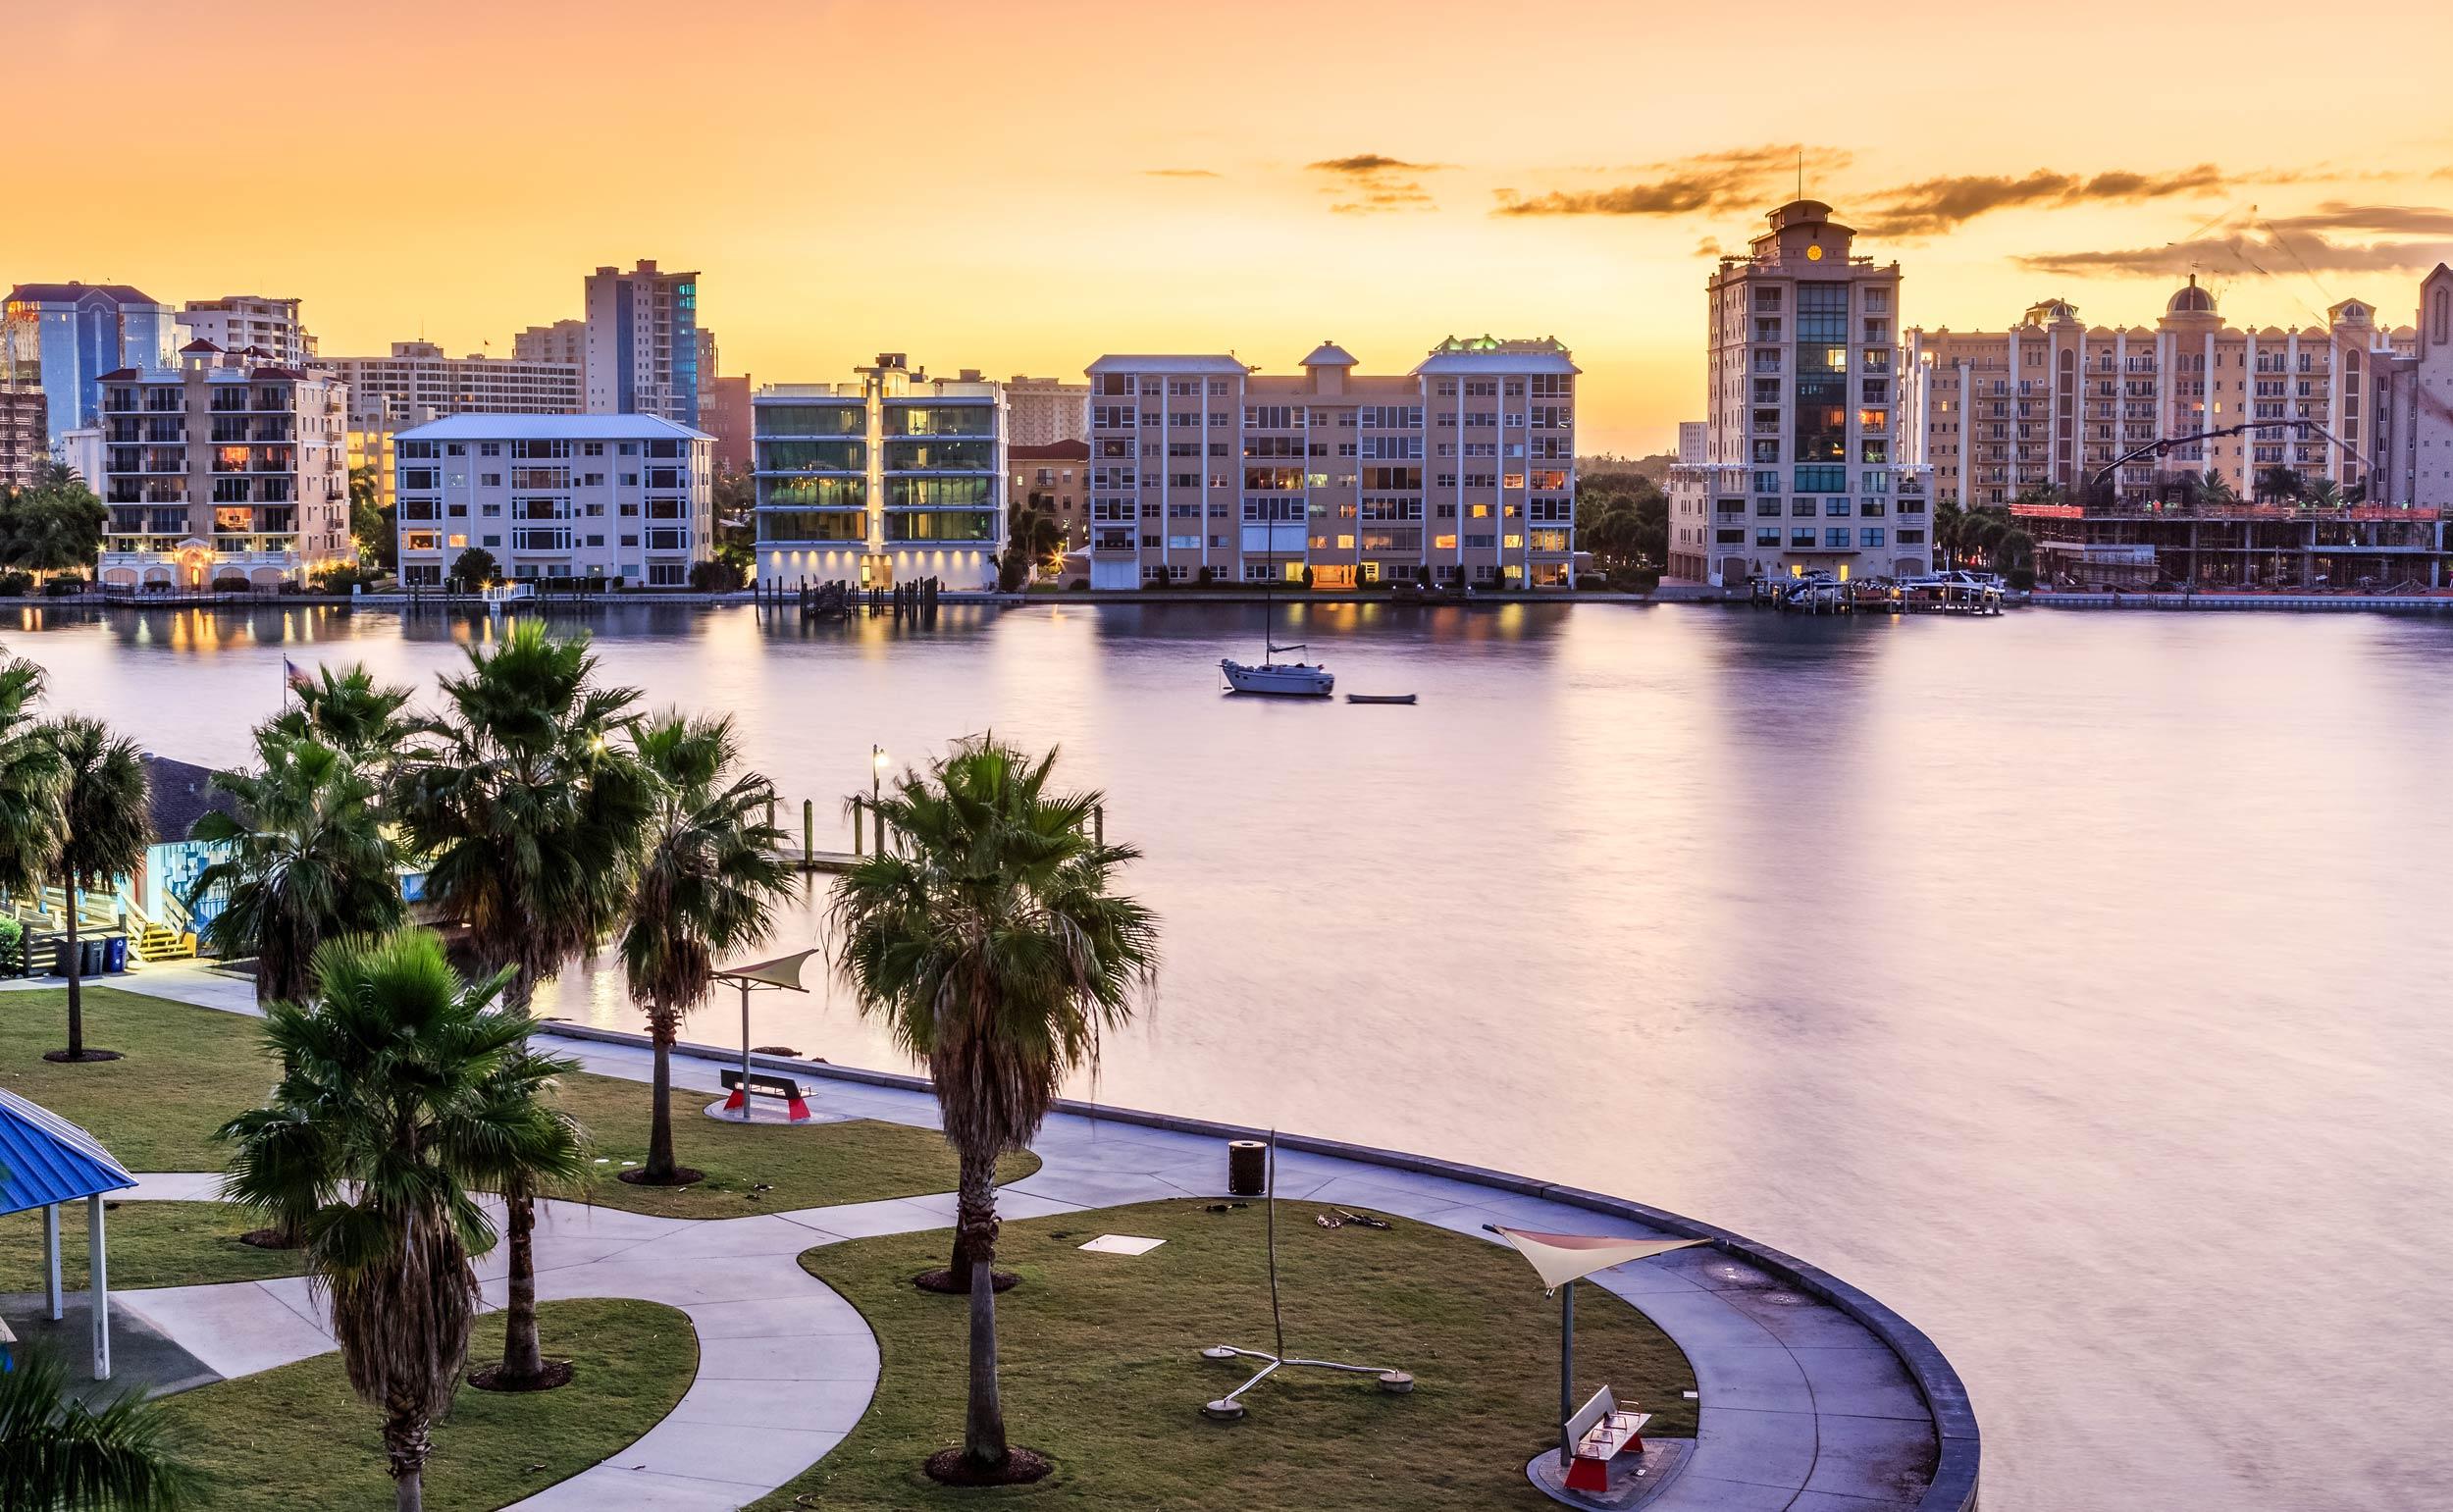 A view of downtown Sarasota at sunset